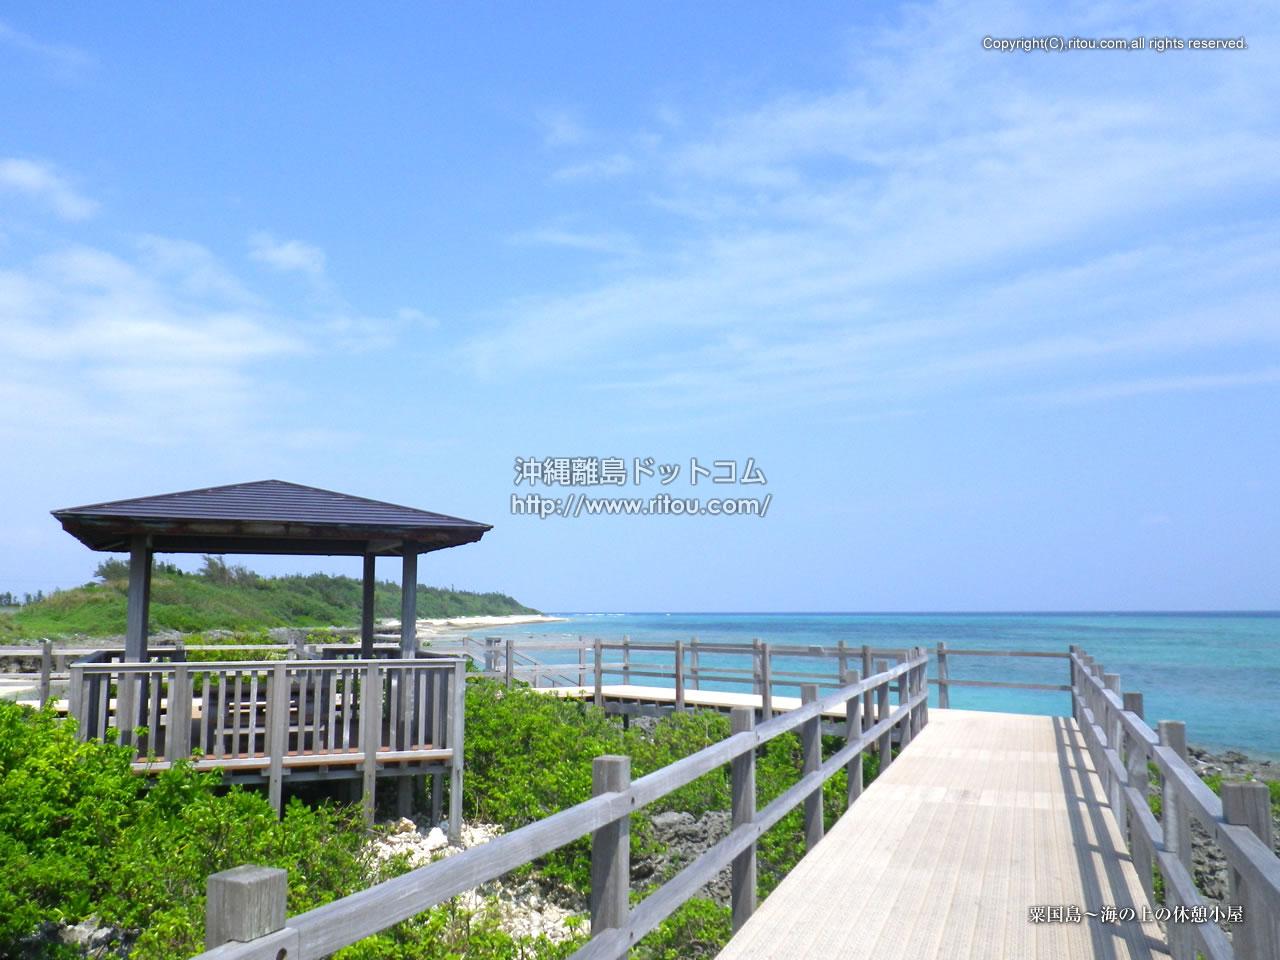 粟国島〜海の上の休憩小屋